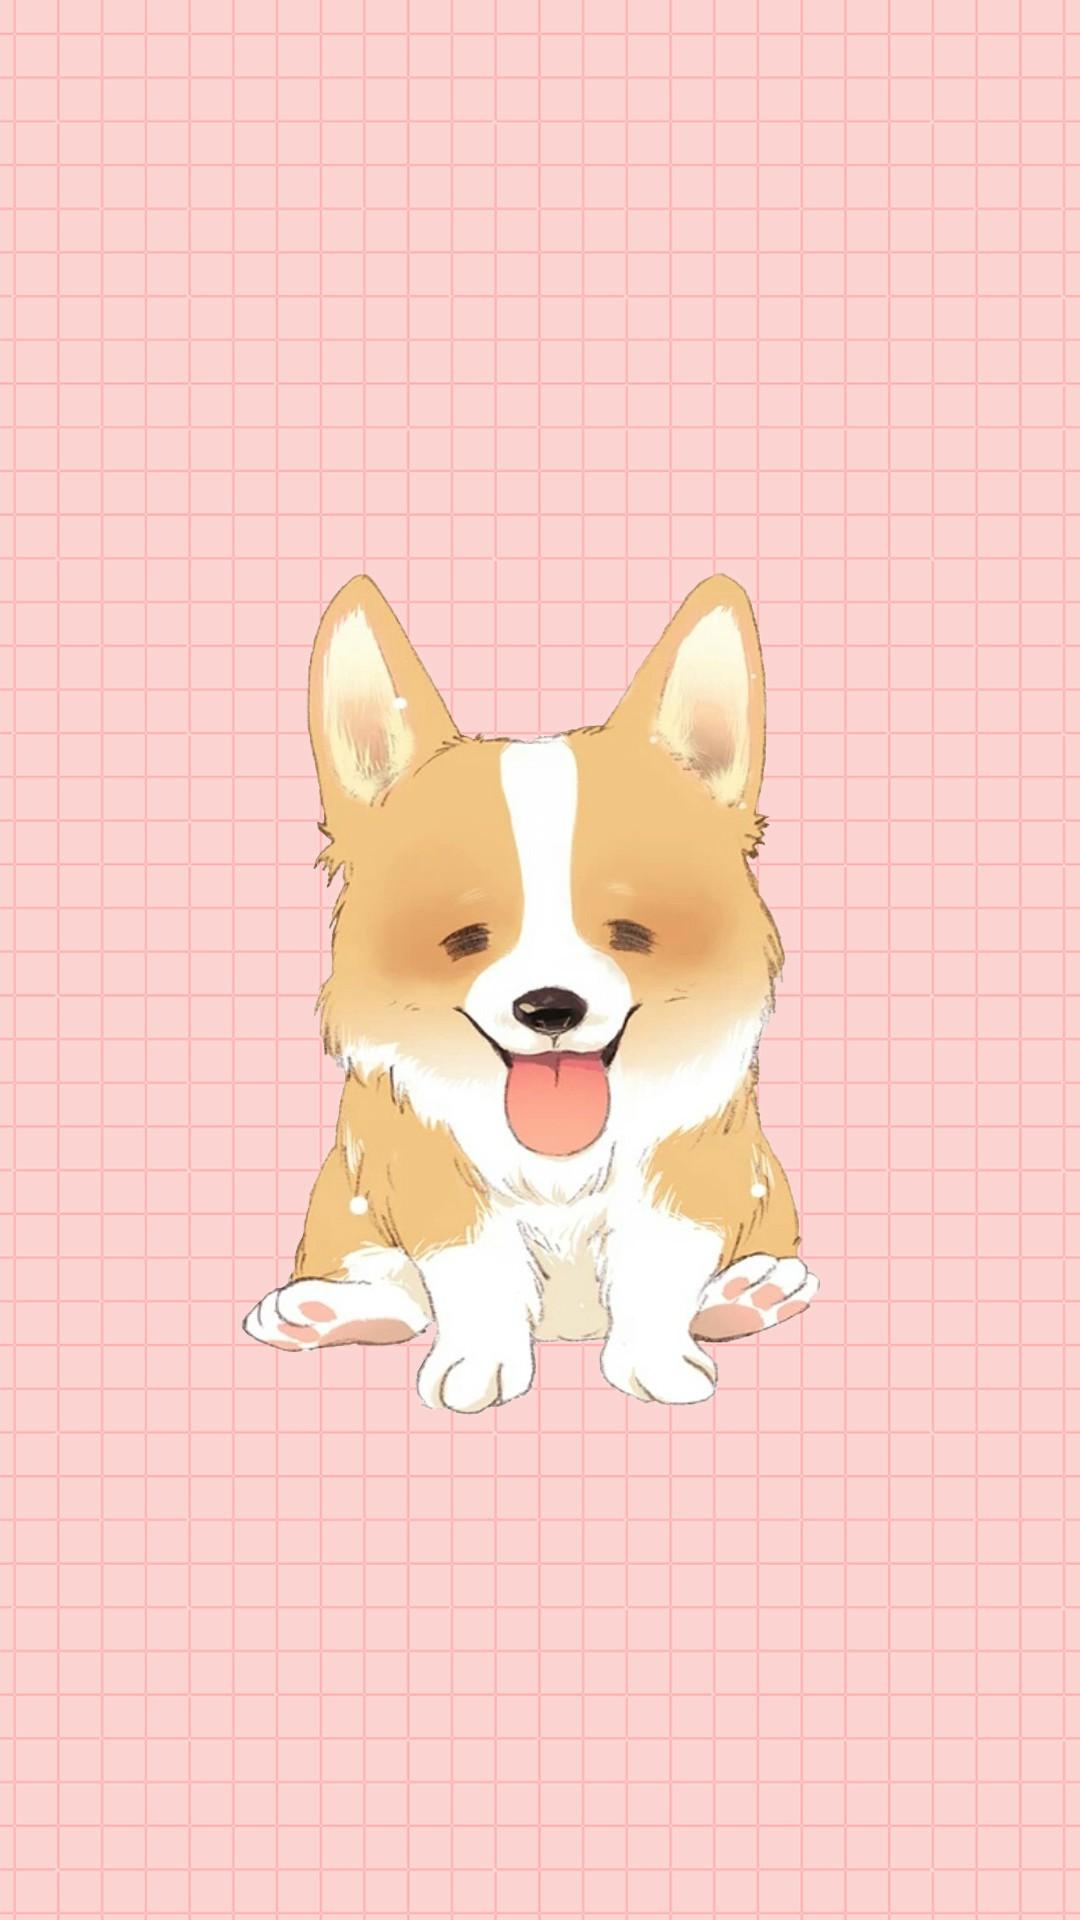 柯基 粉色 手绘 狗 萌宠 可爱